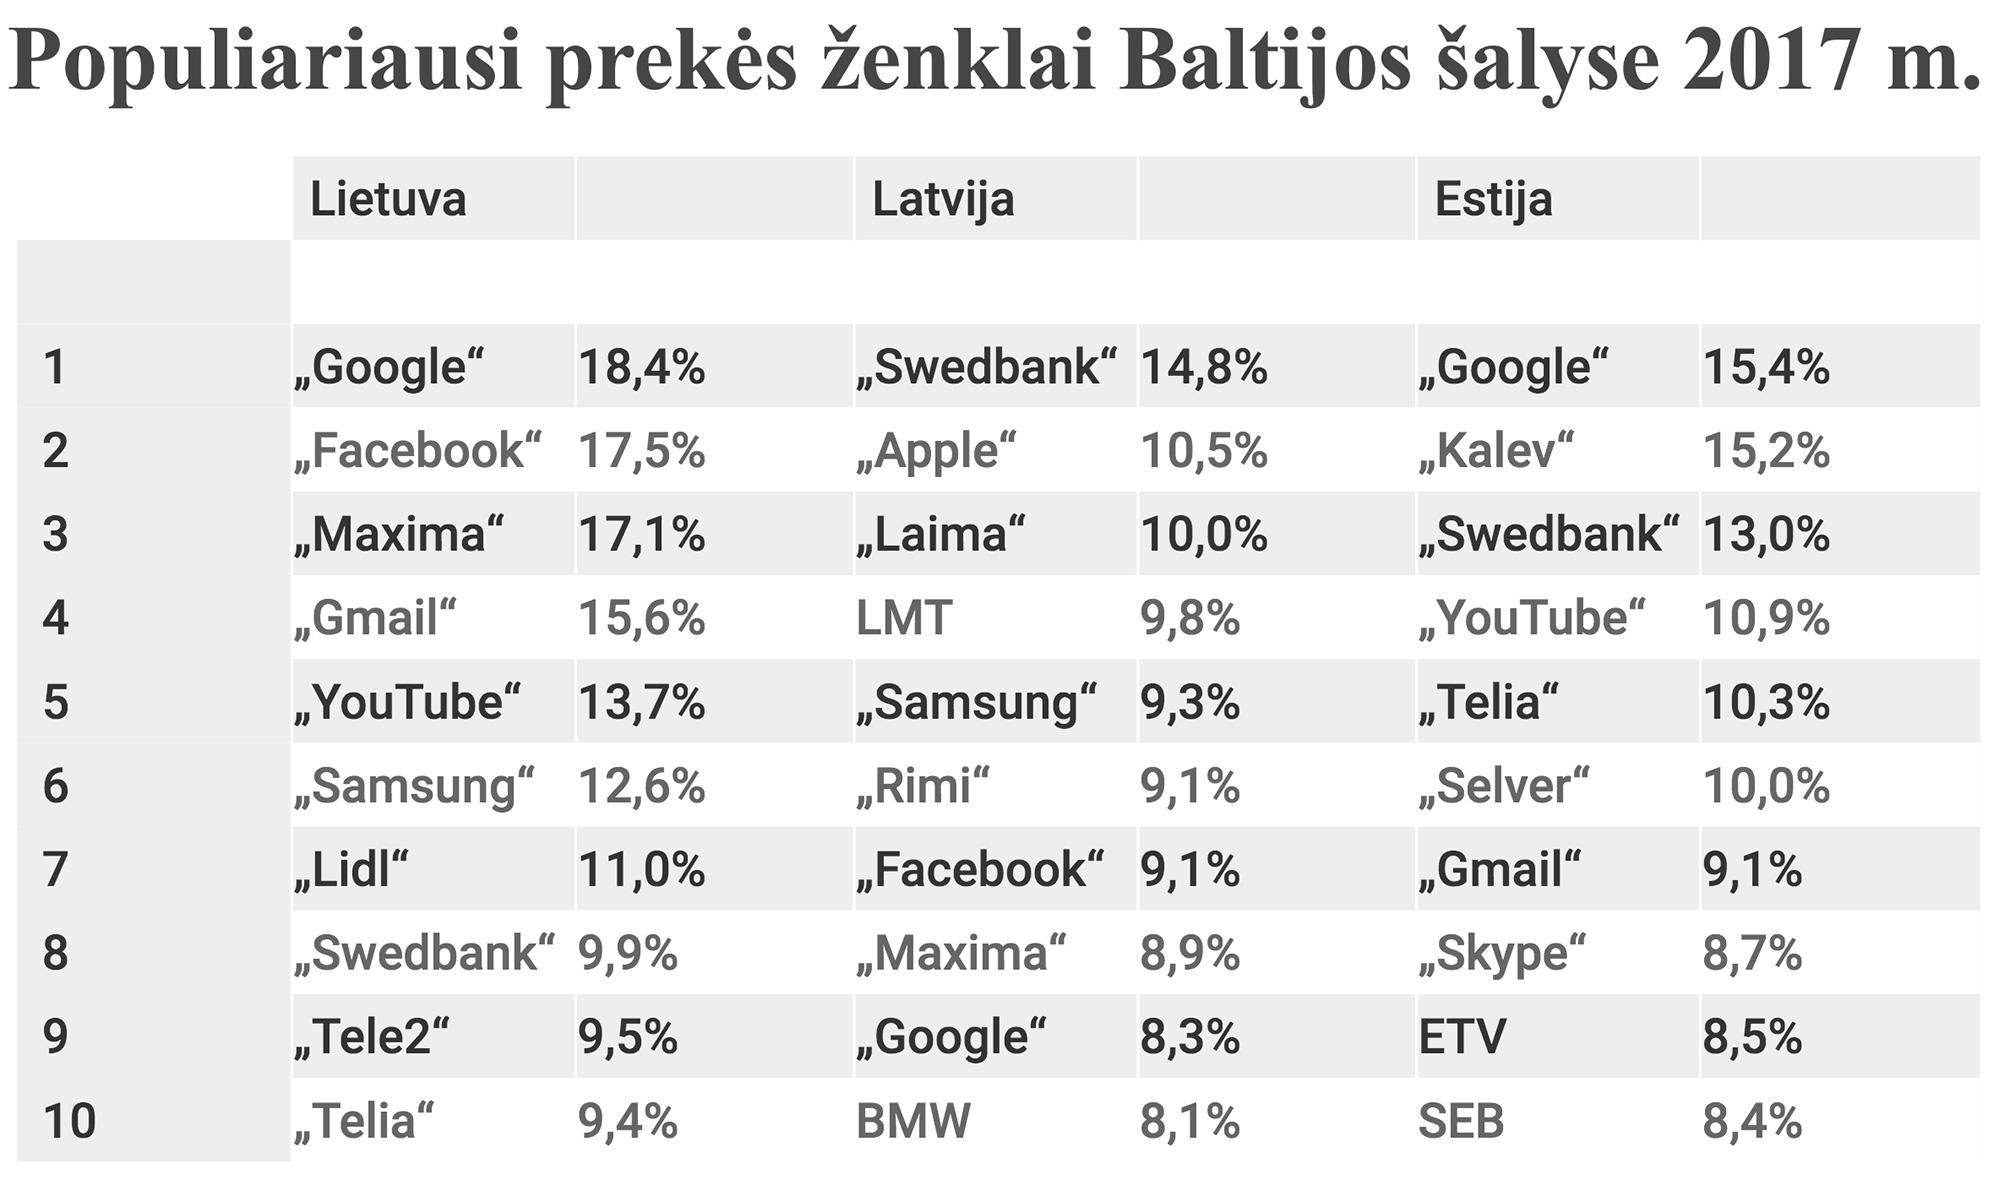 """Sociologinių ir rinkos tyrimų bendrovės """"TNS Emor"""" kartu su partnerėmis Baltijos šalyse atliktas populiariausių prekių ženklų tyrimas rodo, kad neseniai Lietuvos rinkai pristatyti ženklai """"Lidl"""" ir """"Telia"""" iš dešimtuko Lietuvoje išstūmė pasaulinių gamintojų prekės ženklus """"Apple"""" ir """"Nike""""."""